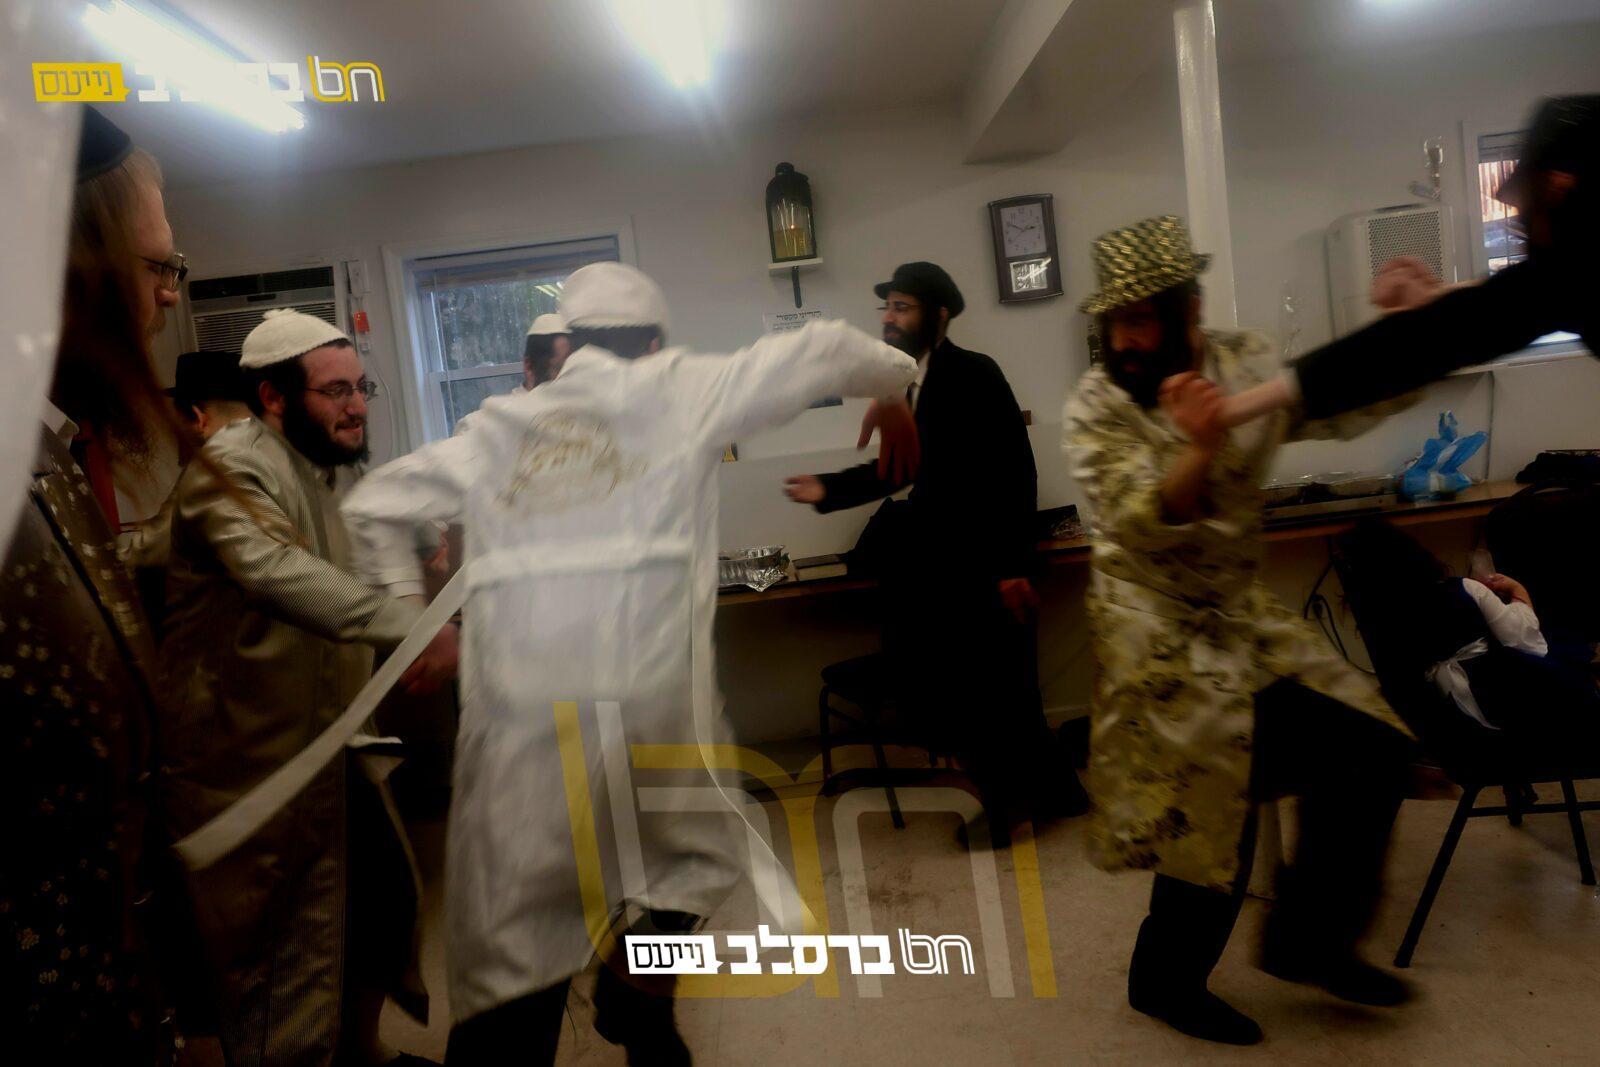 קריית יואל • שמחת פורים בבית הכנסת ברסלב 'מעיינות הנחל'